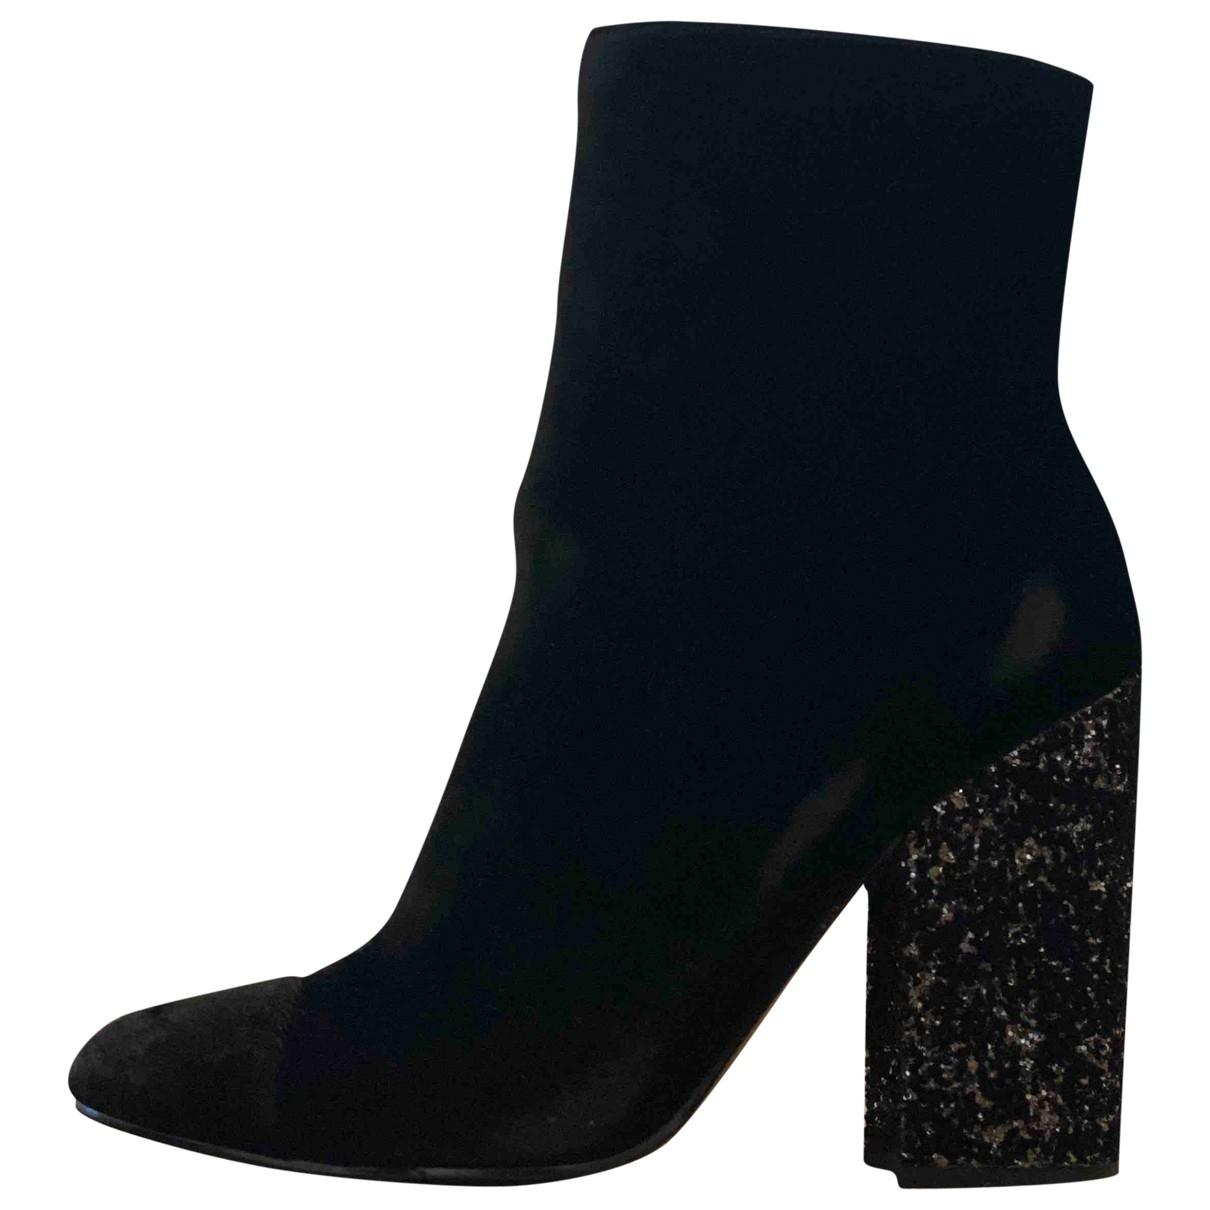 Kendall + Kylie - Boots   pour femme en velours - noir